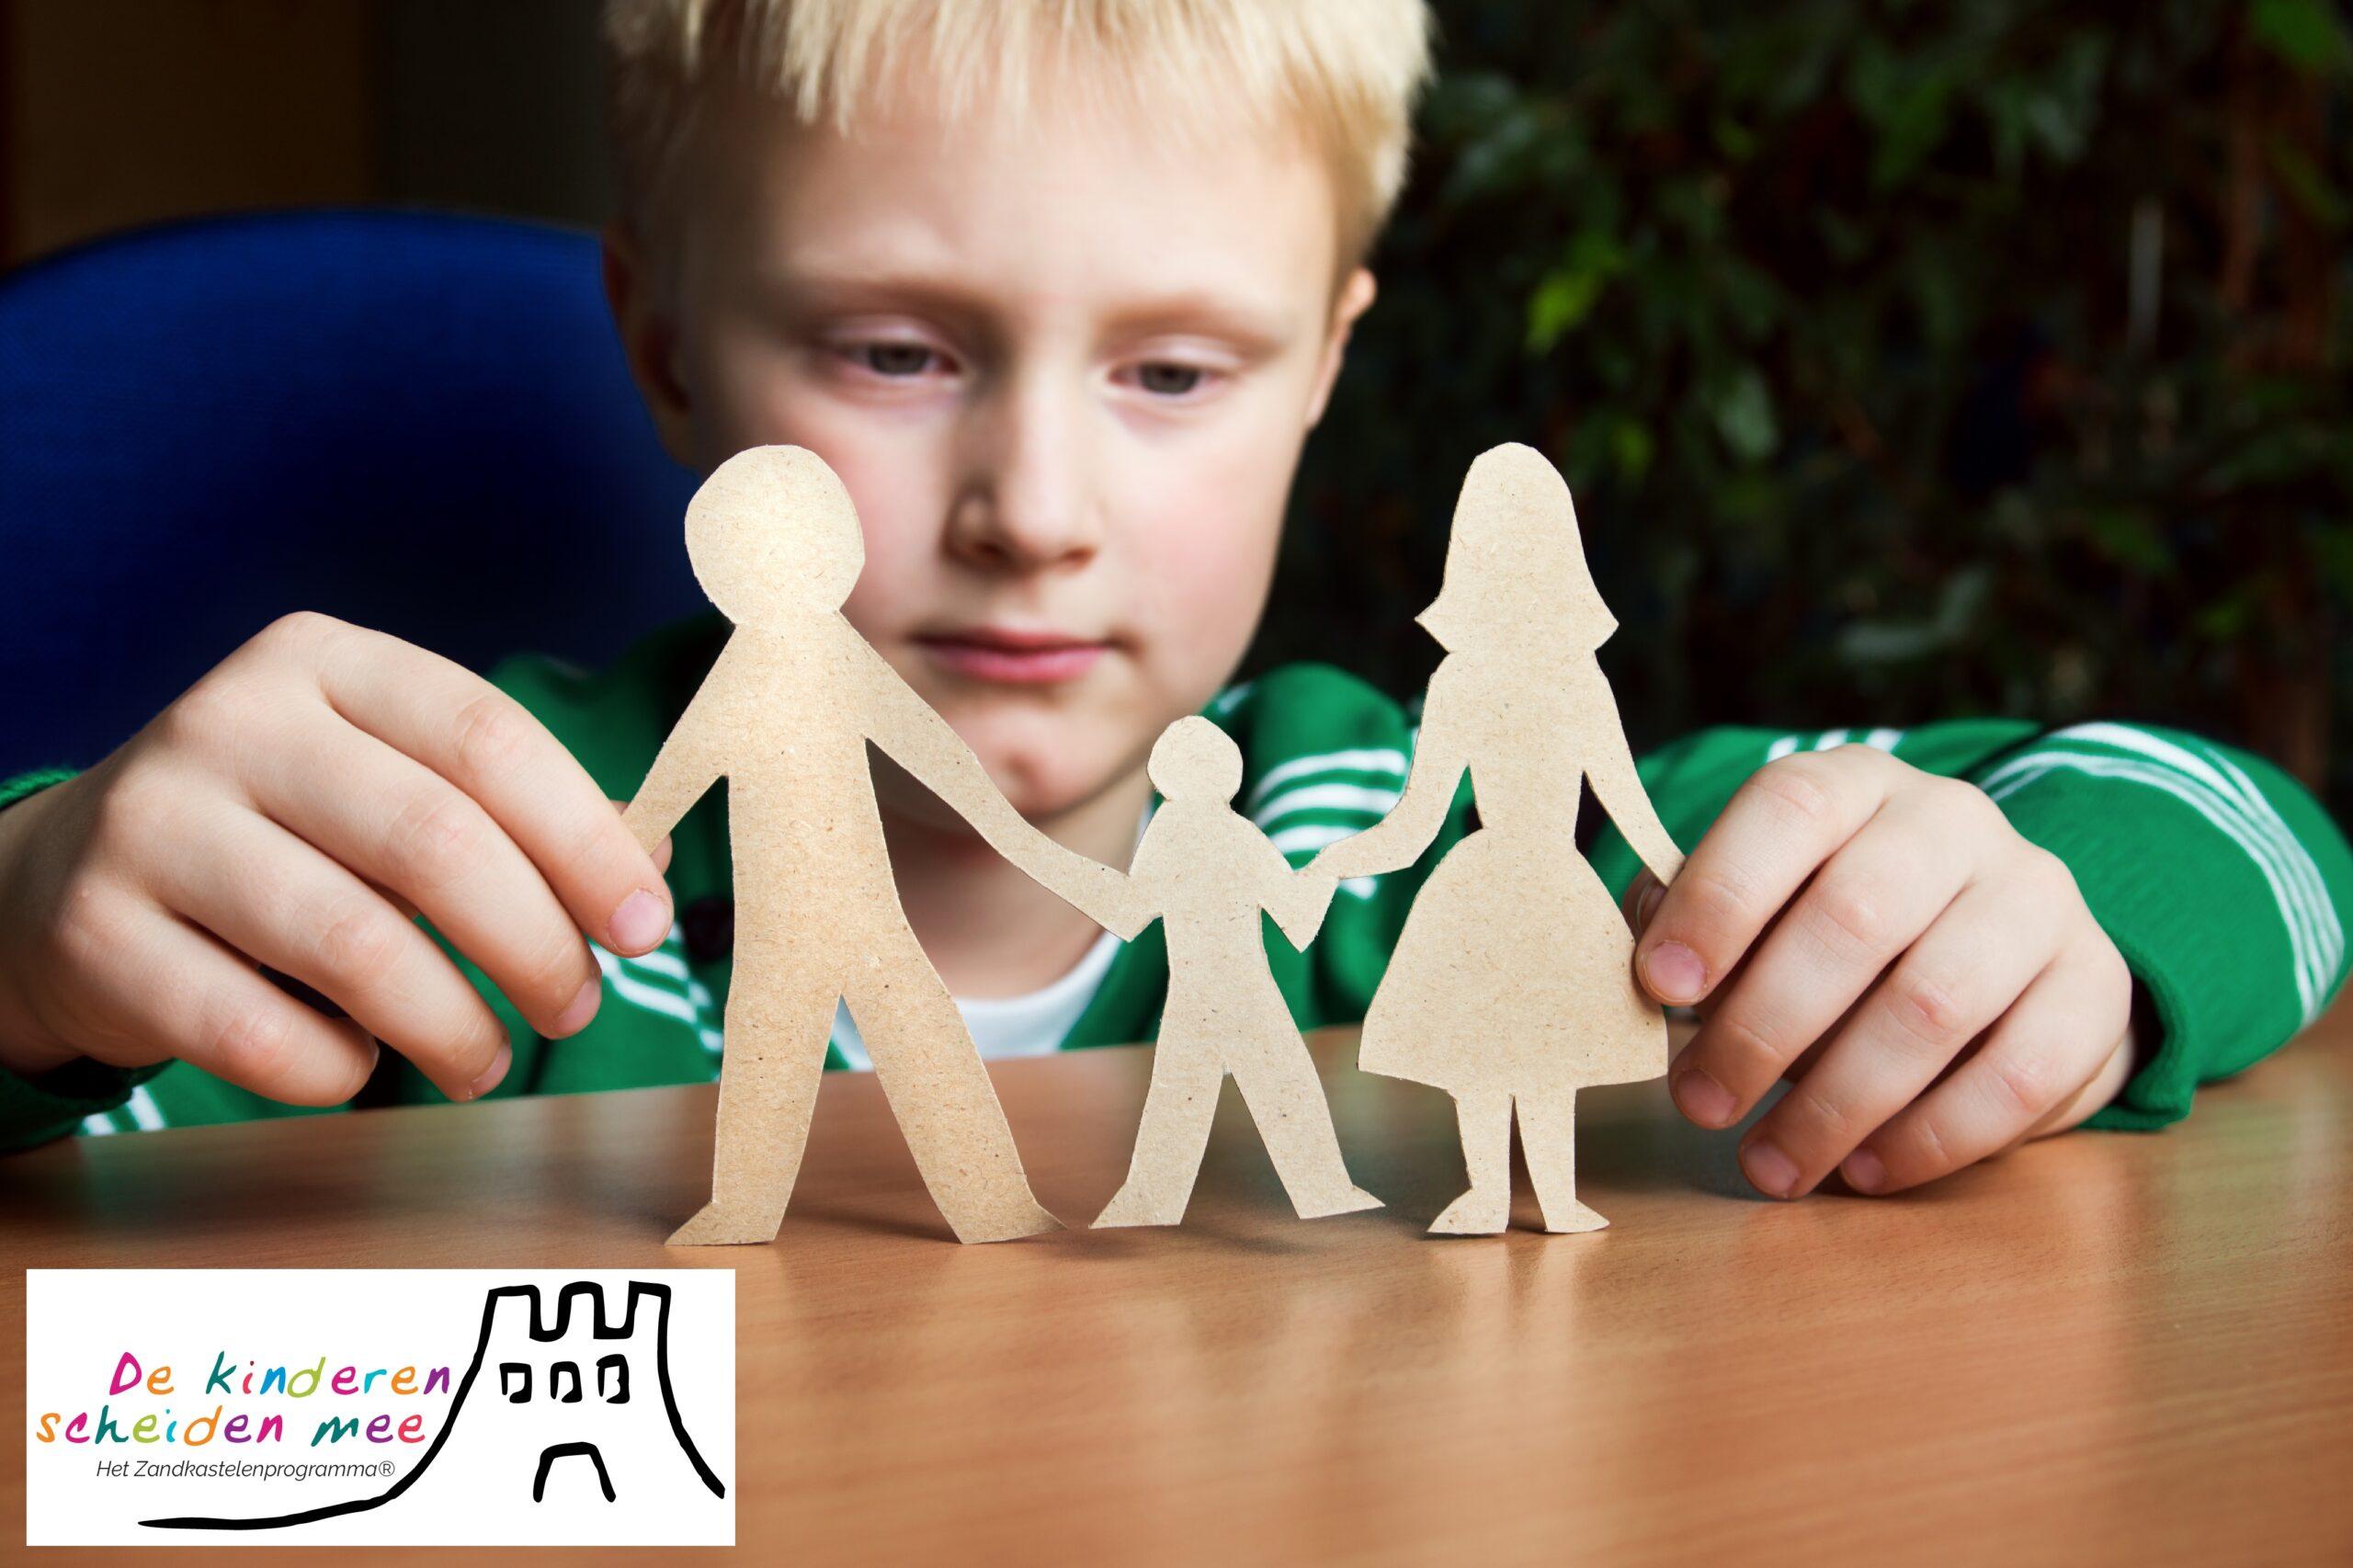 Jongetje speelt met geknipte papieren poppetjes die ouders met kind voorstellen